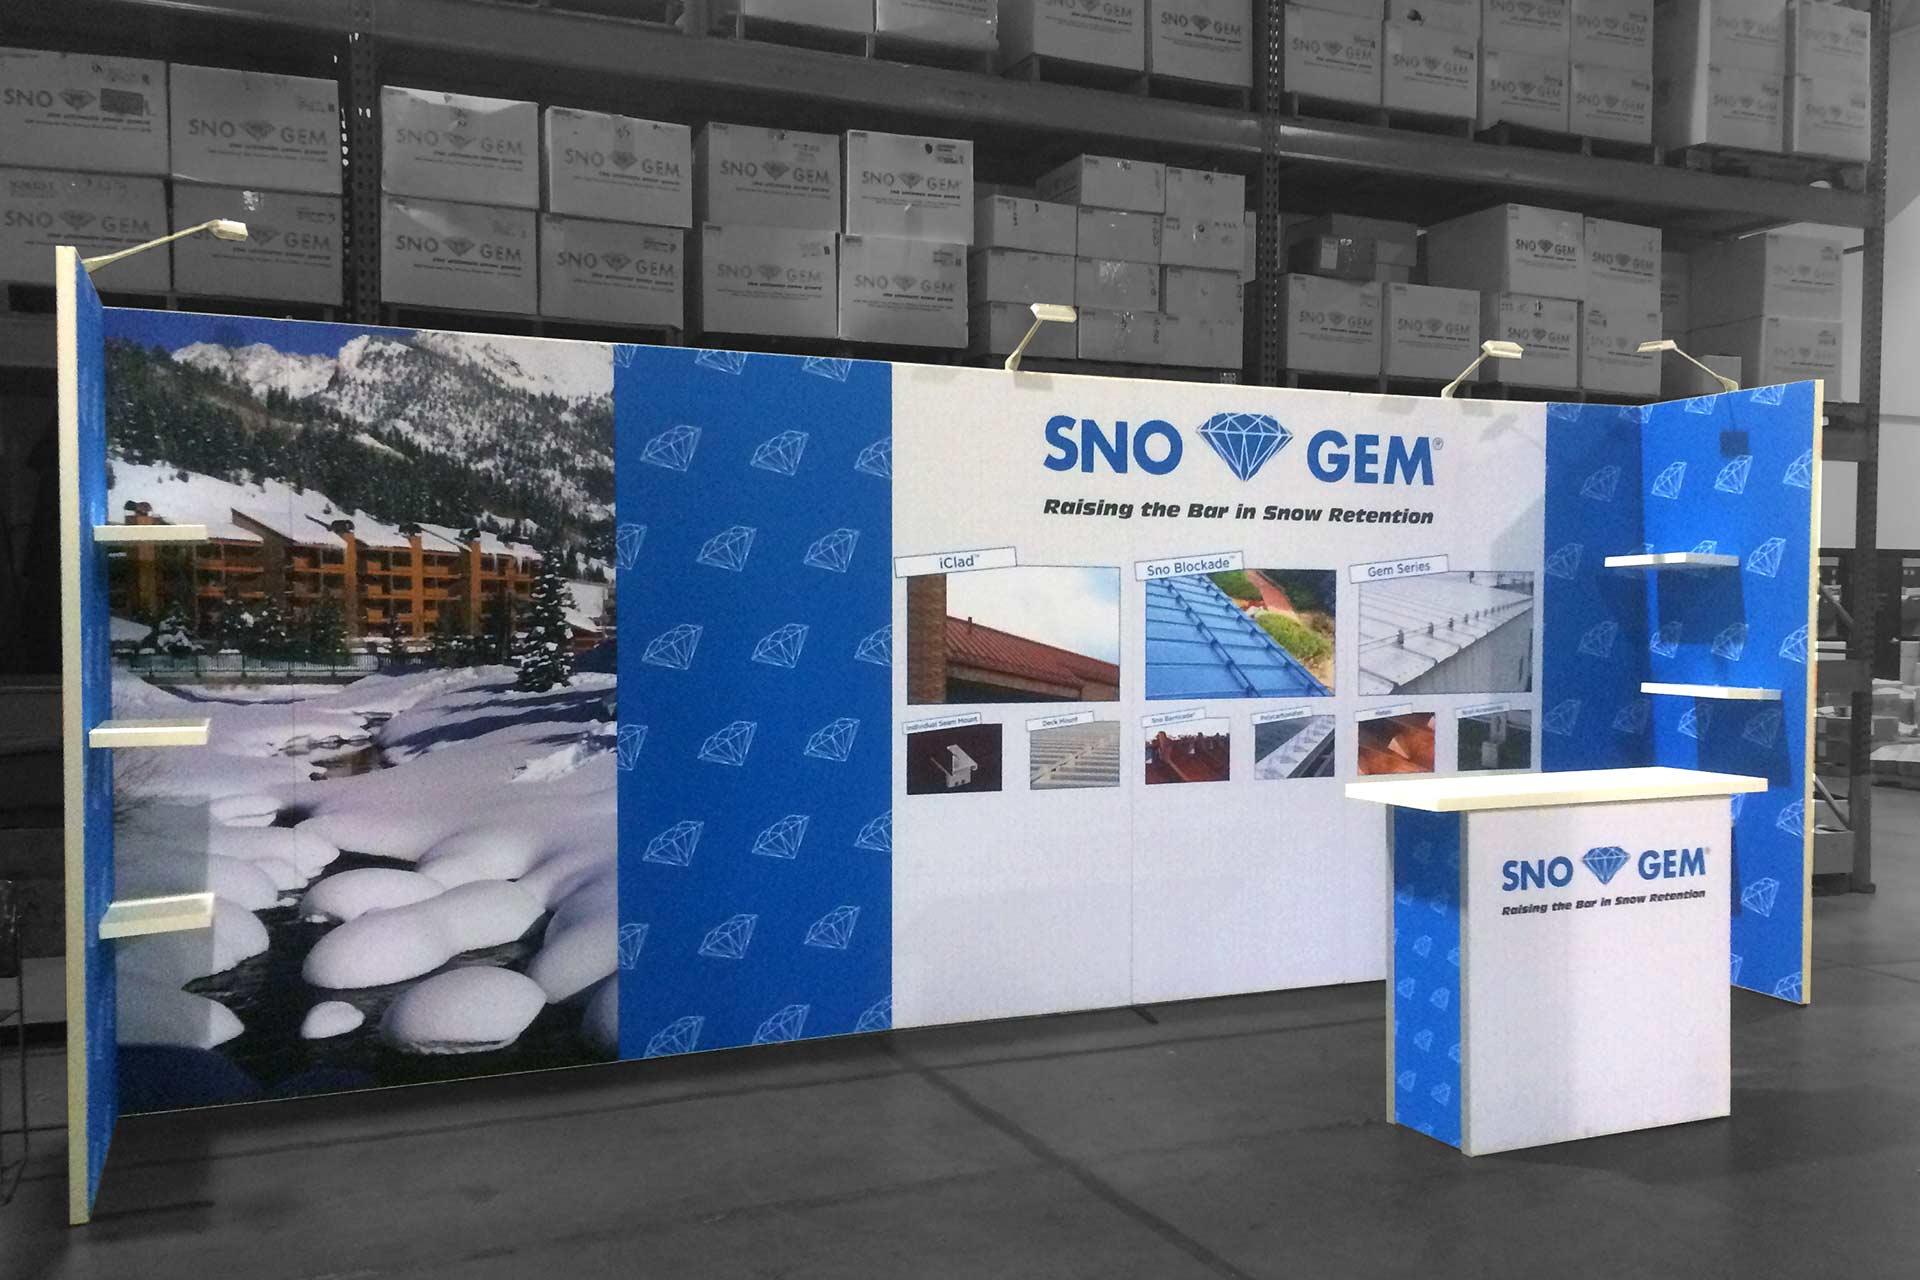 Sno Gem Trade Show Booth - Angled